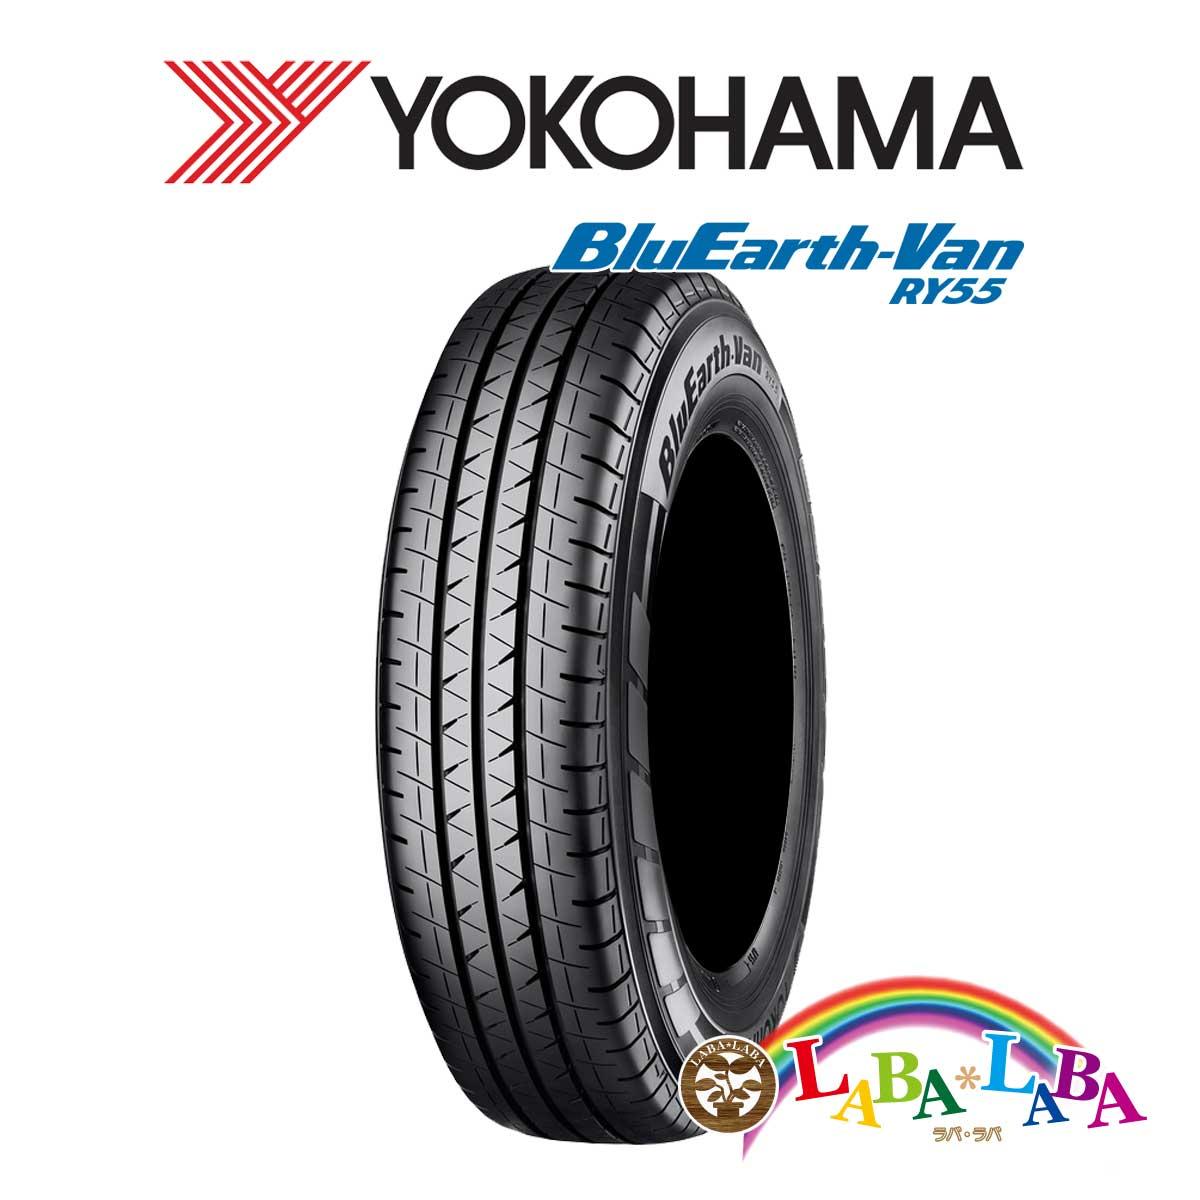 2本以上送料無料 国産タイヤ サマータイヤ 新品 授与 タイヤのみ YOKOHAMA ヨコハマ BluEarth-Van LT ブルーアース バン 97 80R14 95N 限定特価 RY55 185